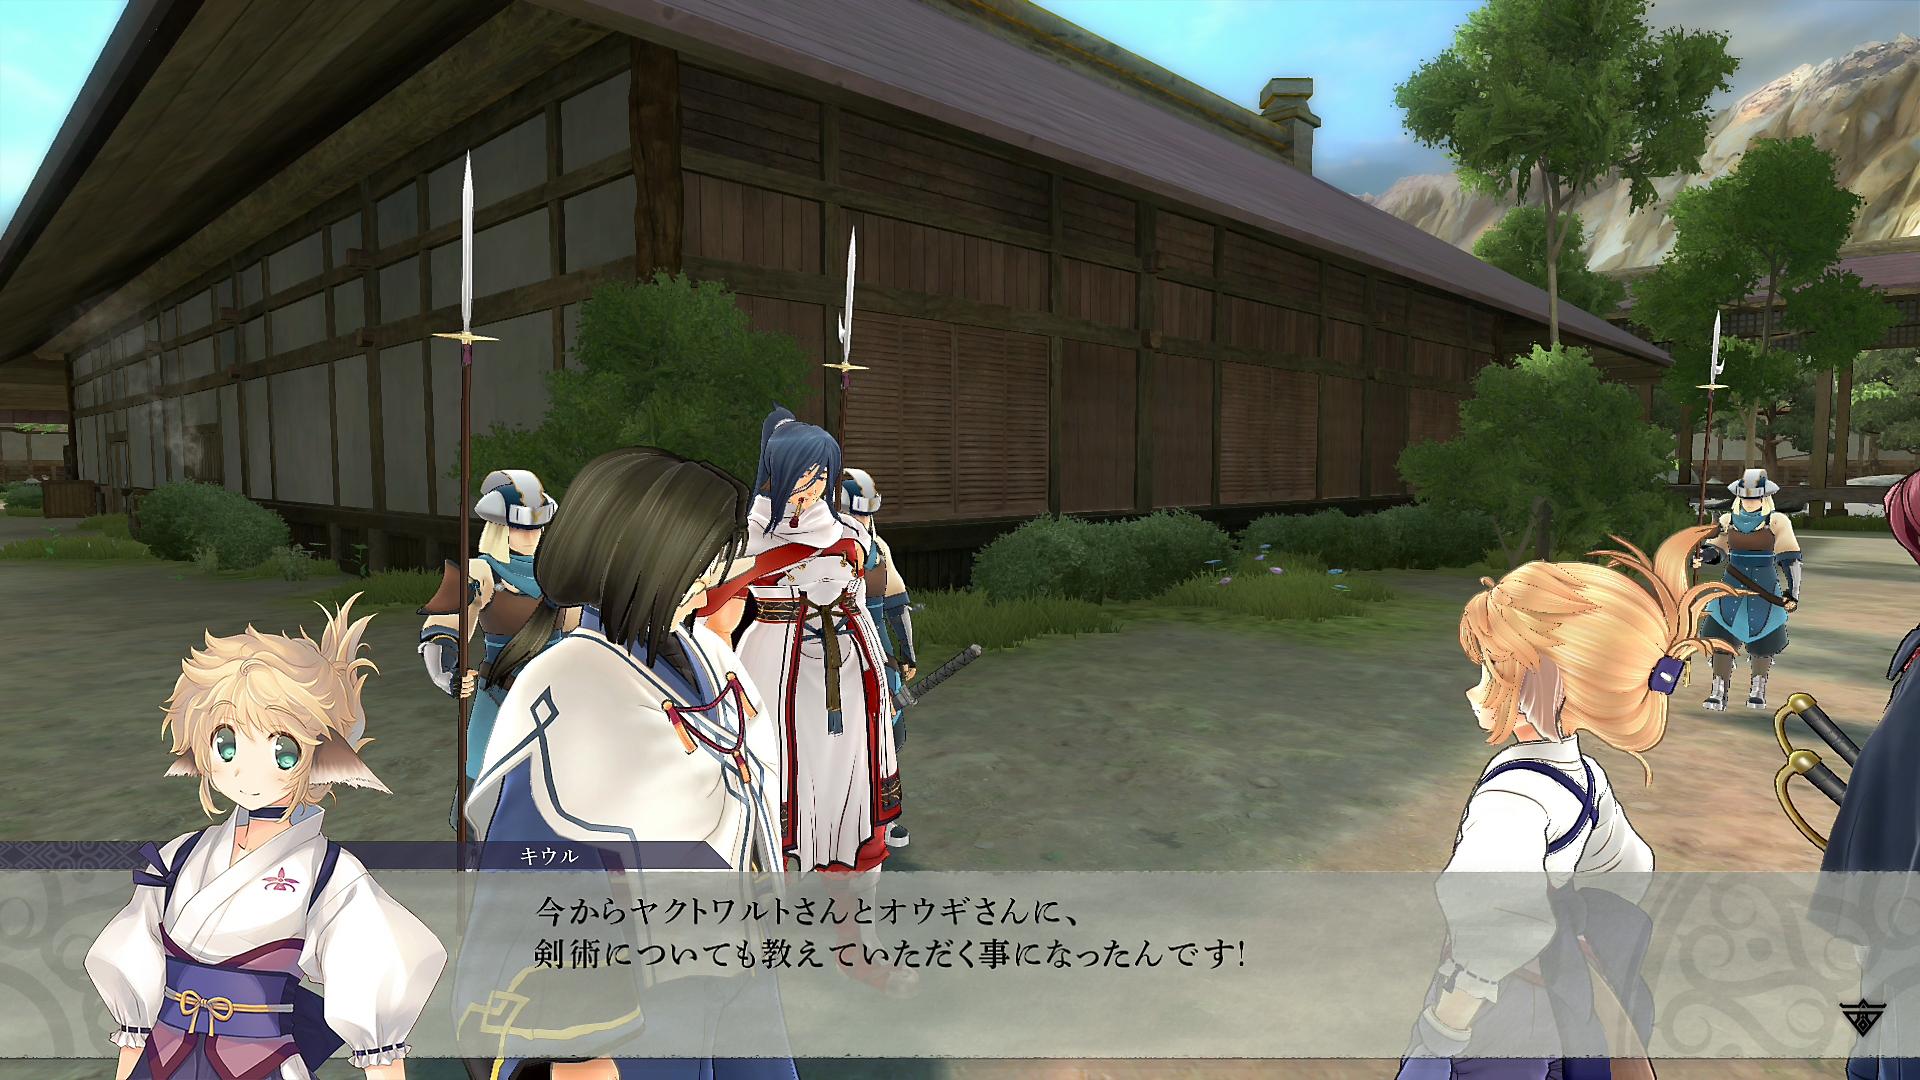 うたわれるもの斬2 - Screenshot 1